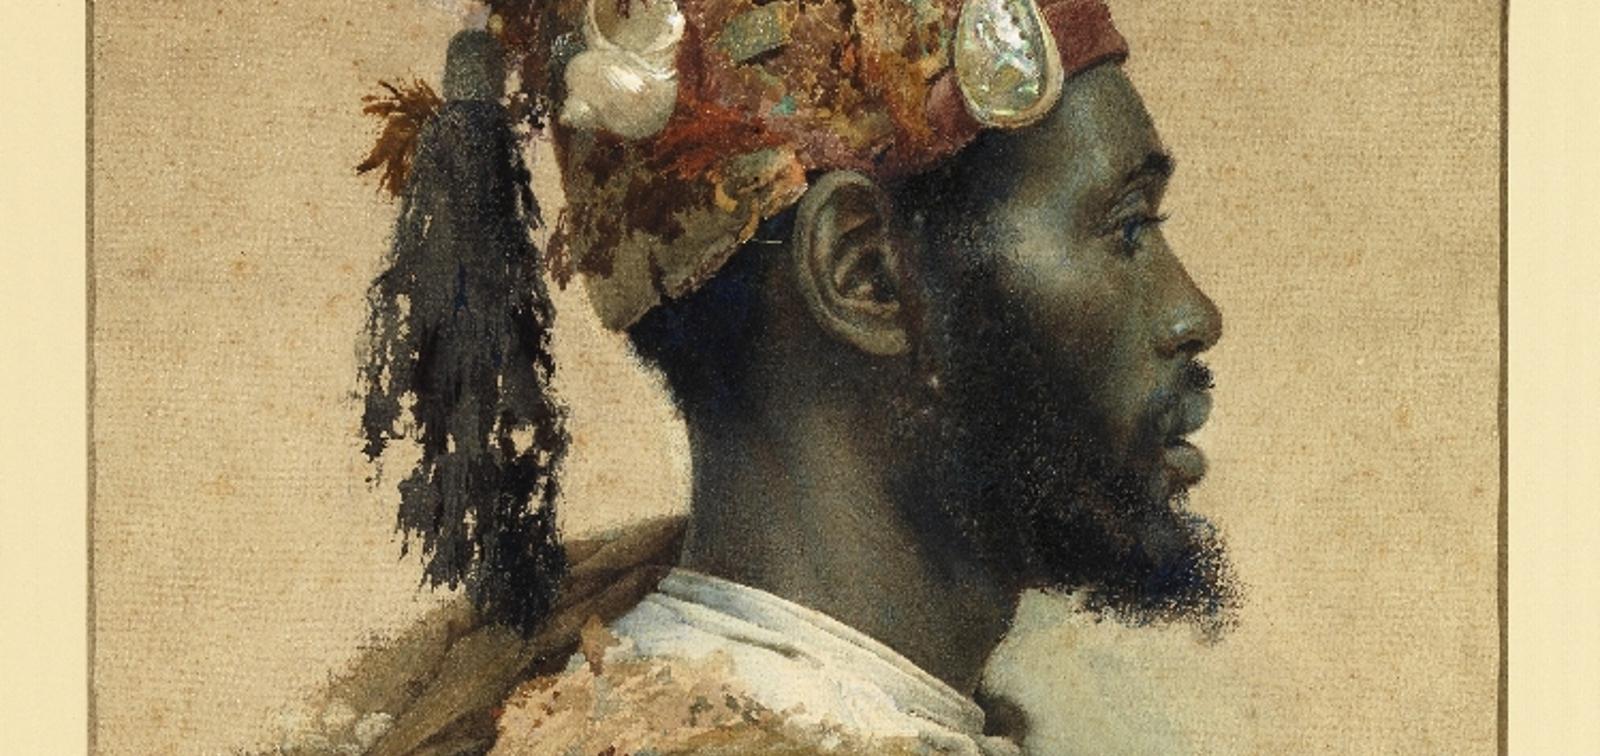 Presentación temporal: Fortuny y el esplendor de la acuarela española en el Museo del Prado